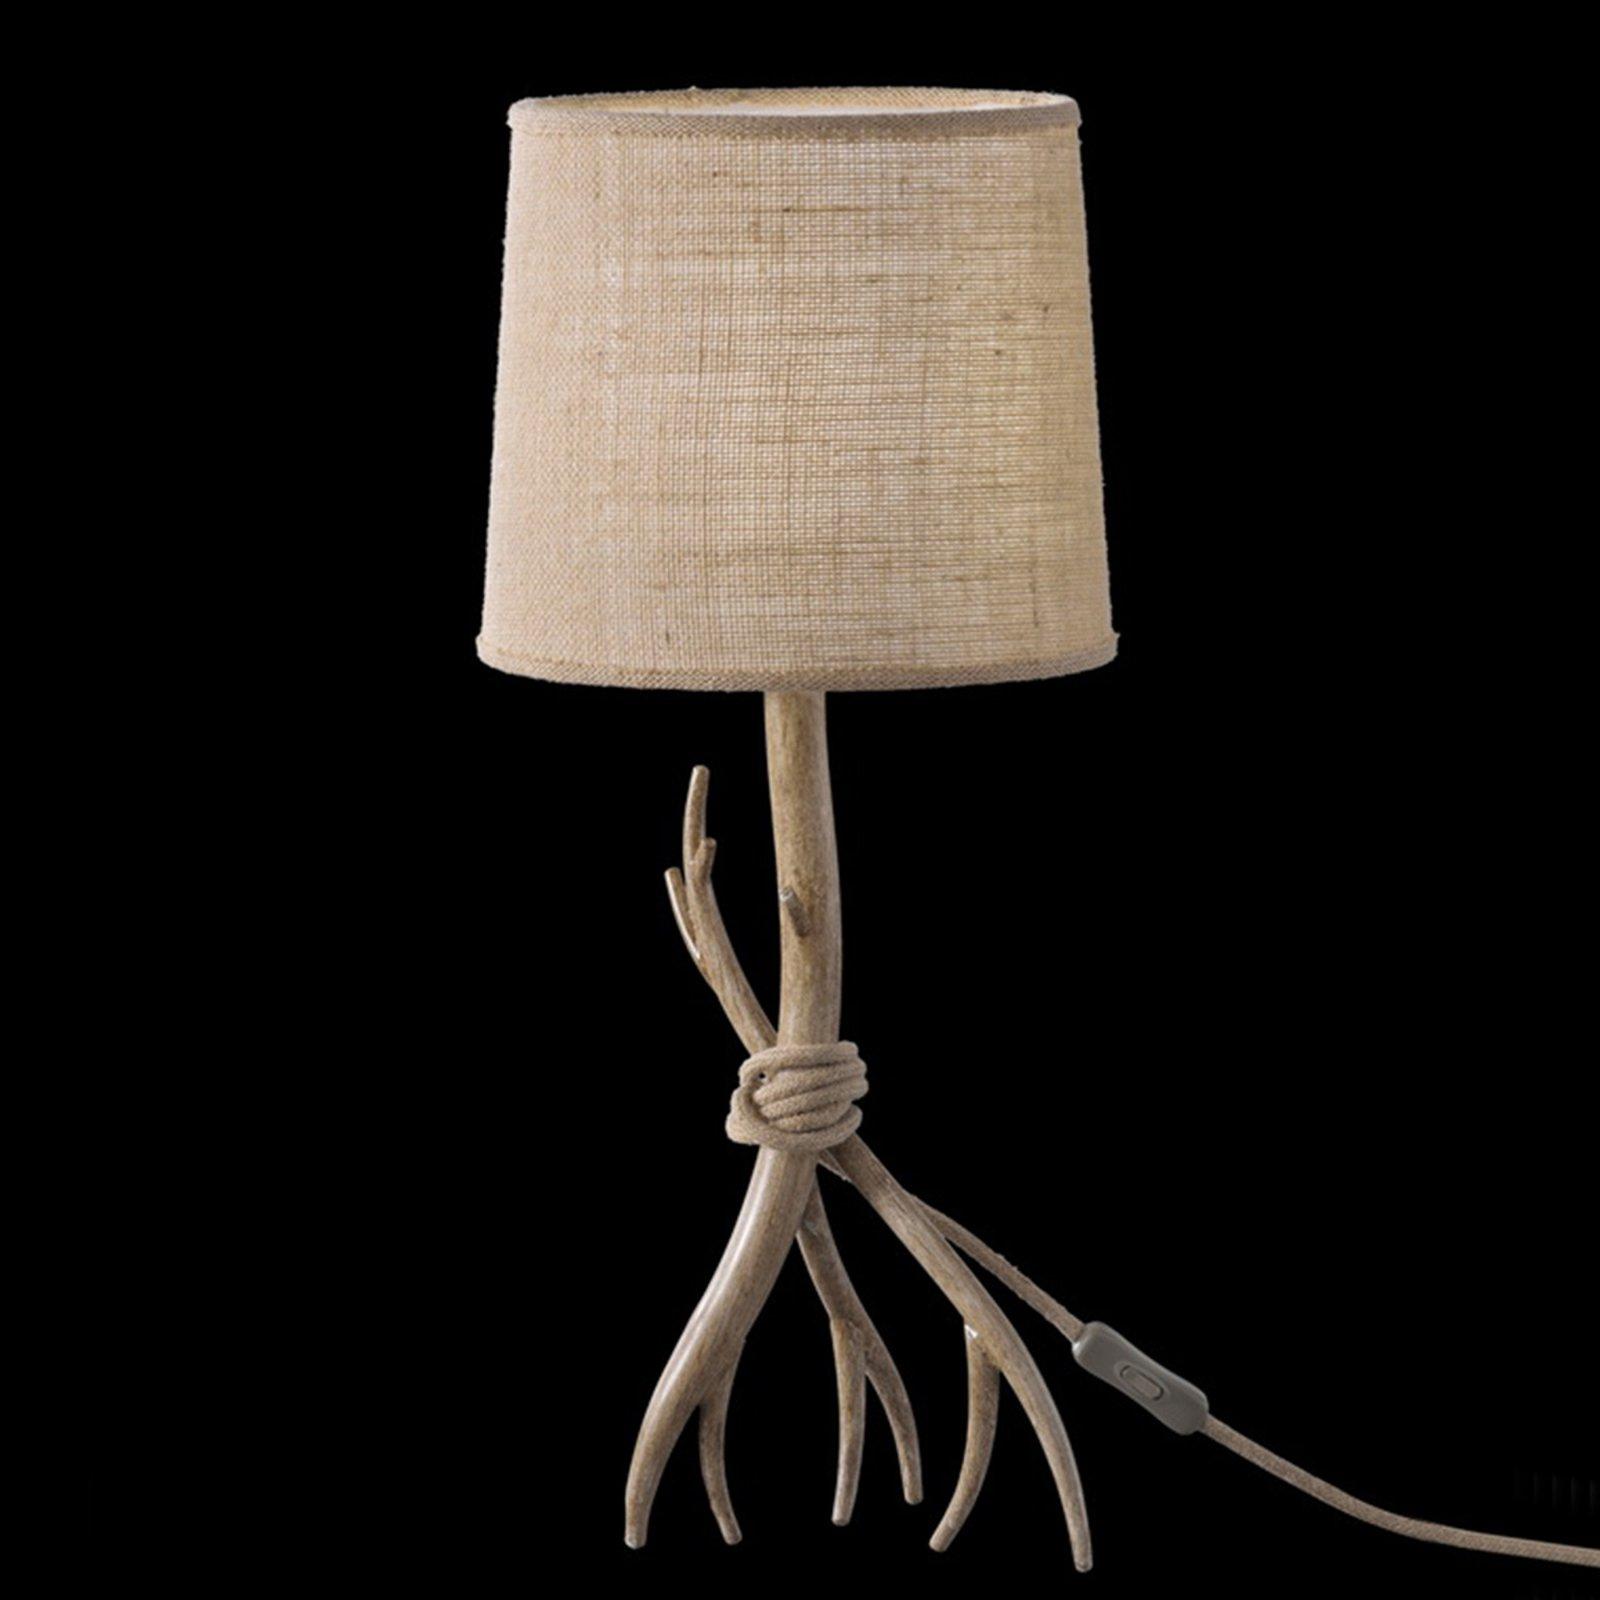 Sabina bordlampe med tekstilskjerm